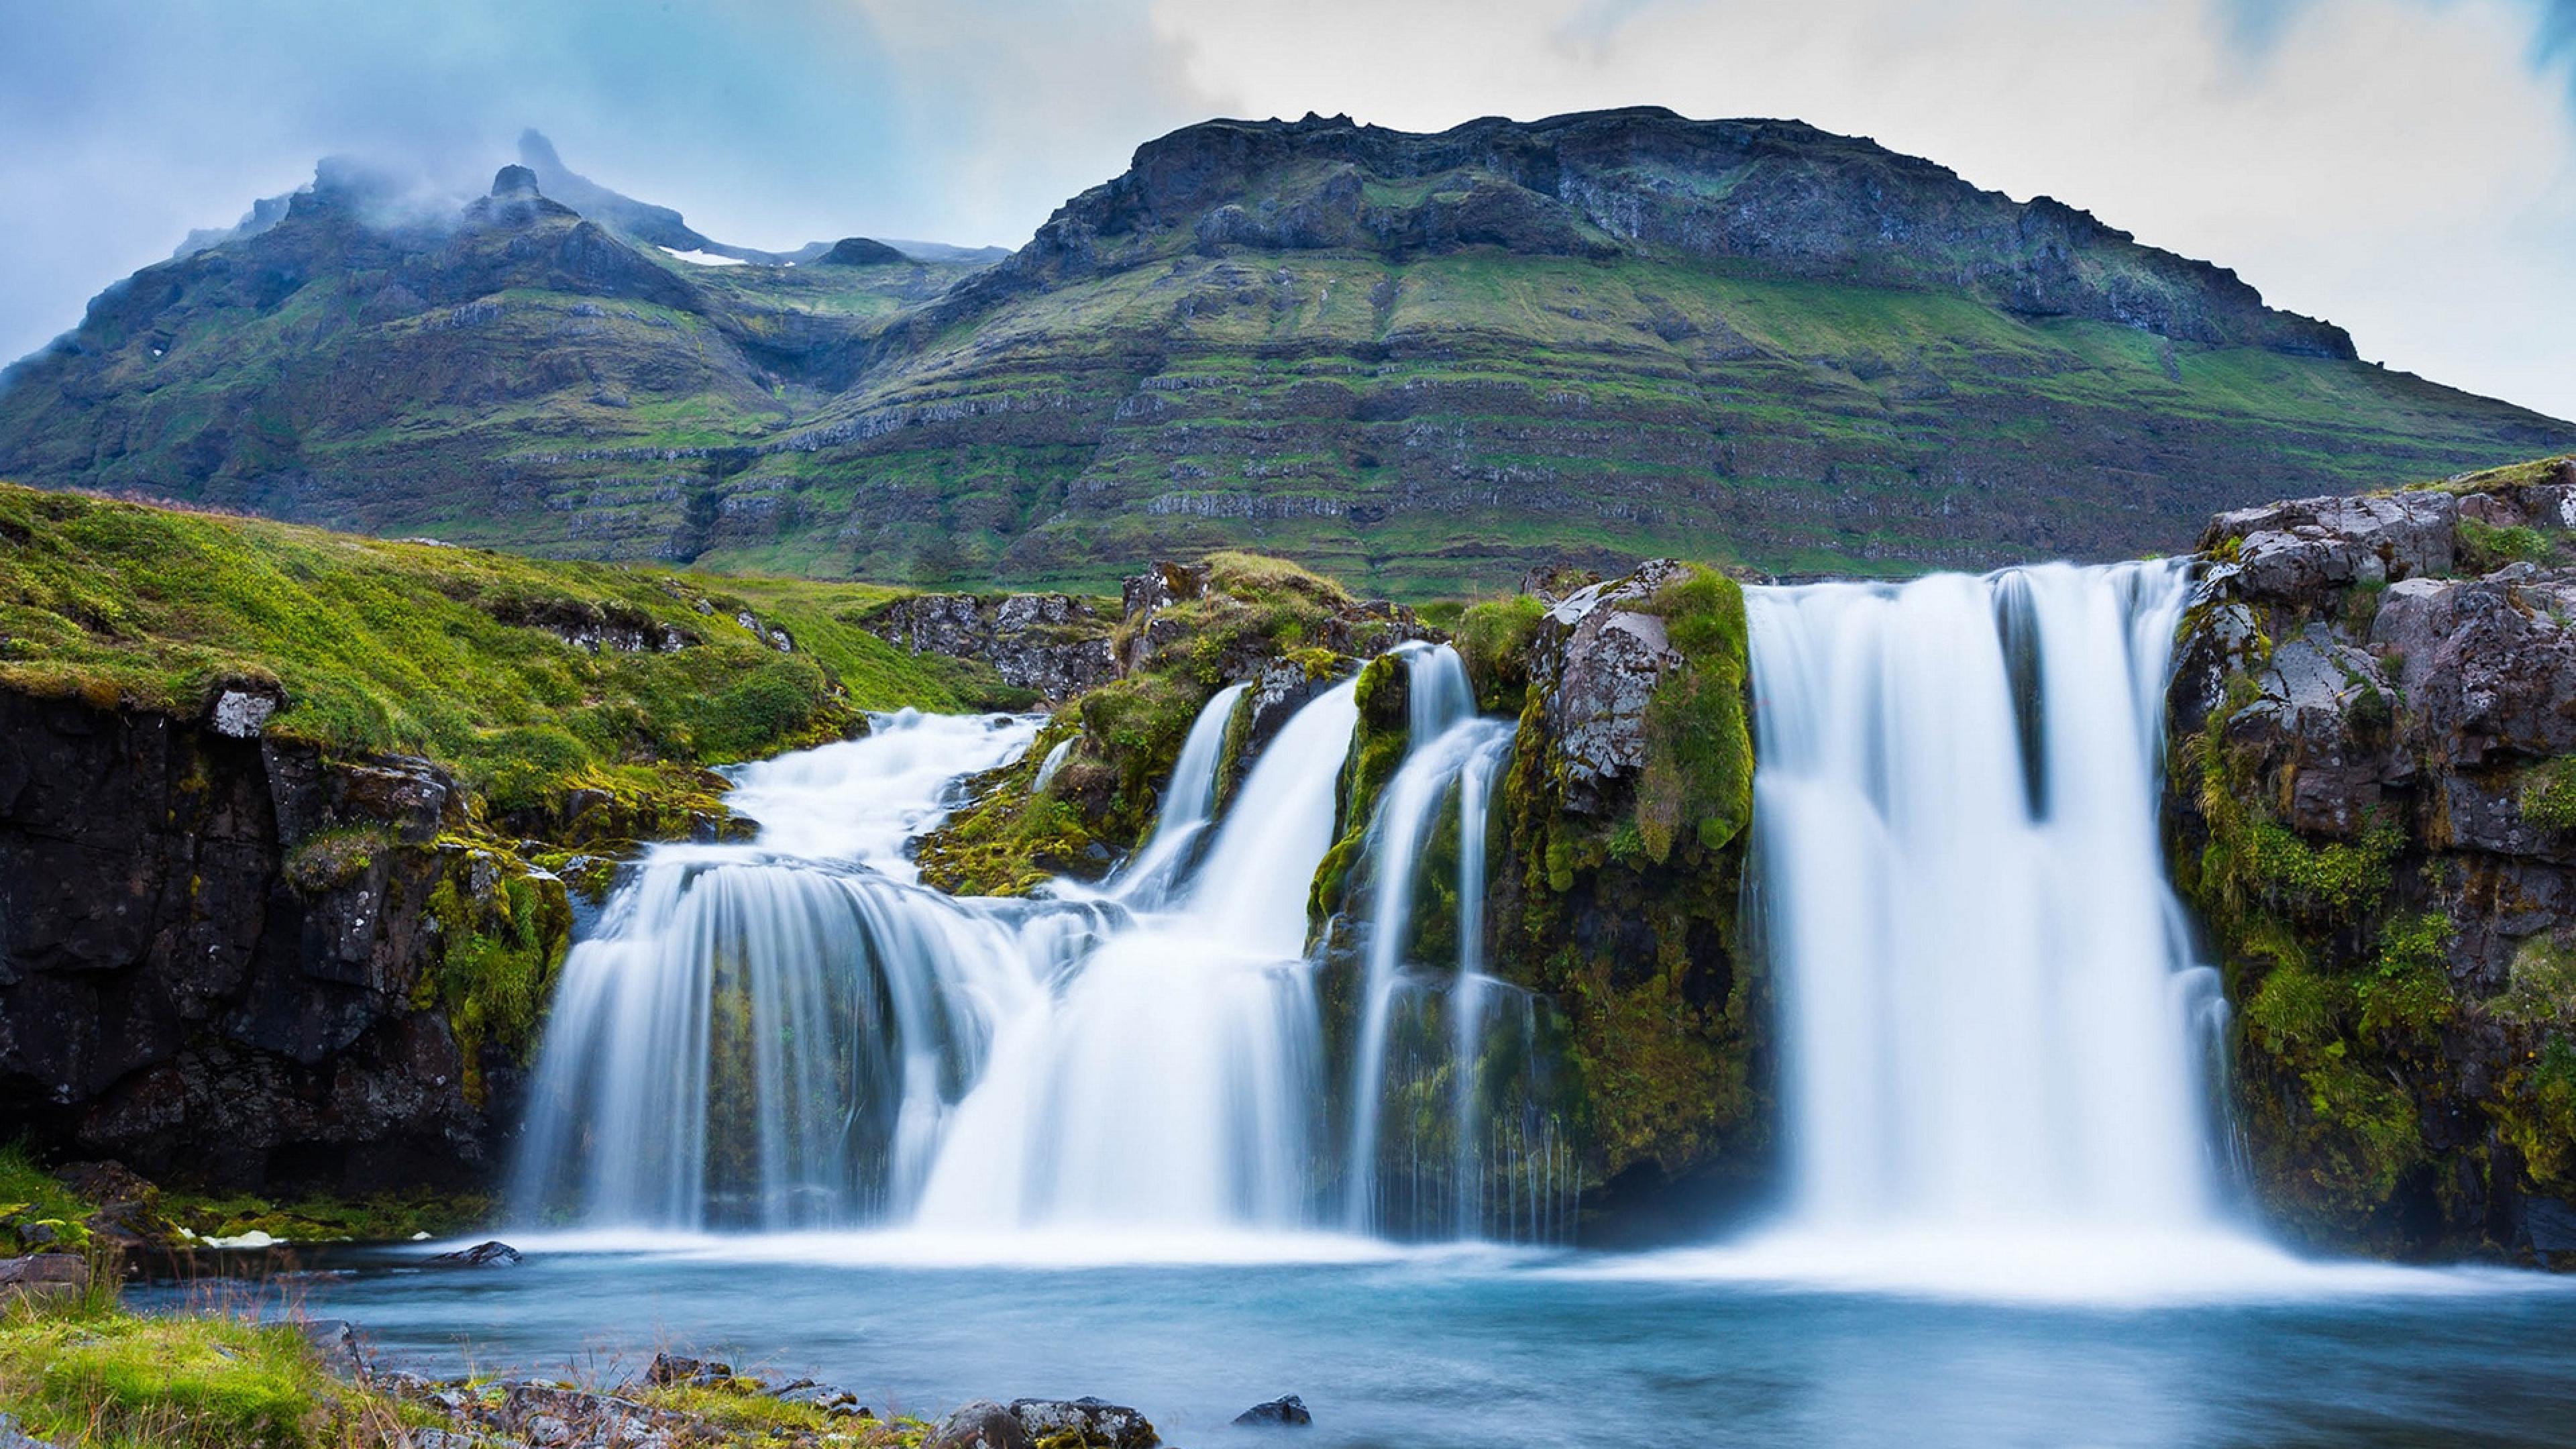 vodopad-v-gorah-krasivoe-ochen-pornuha-onlayn